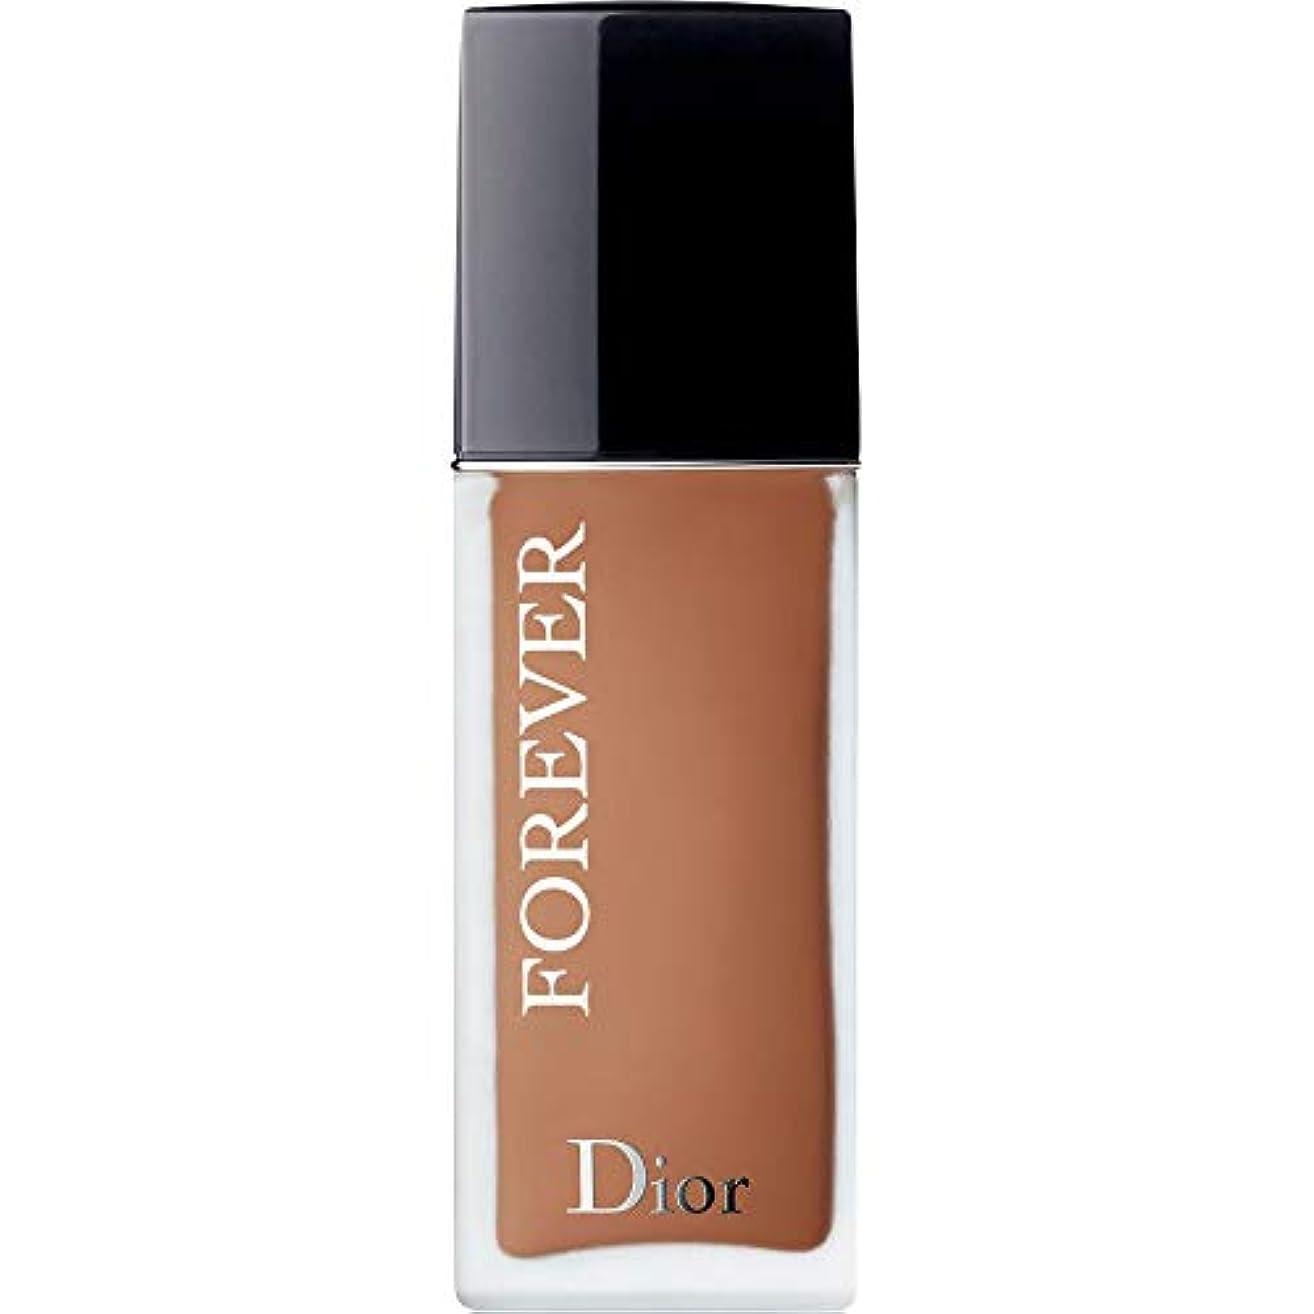 病気デクリメント順番[Dior ] ディオール永遠皮膚思いやりの基盤Spf35 30ミリリットルの5N - ニュートラル(つや消し) - DIOR Forever Skin-Caring Foundation SPF35 30ml 5N -...